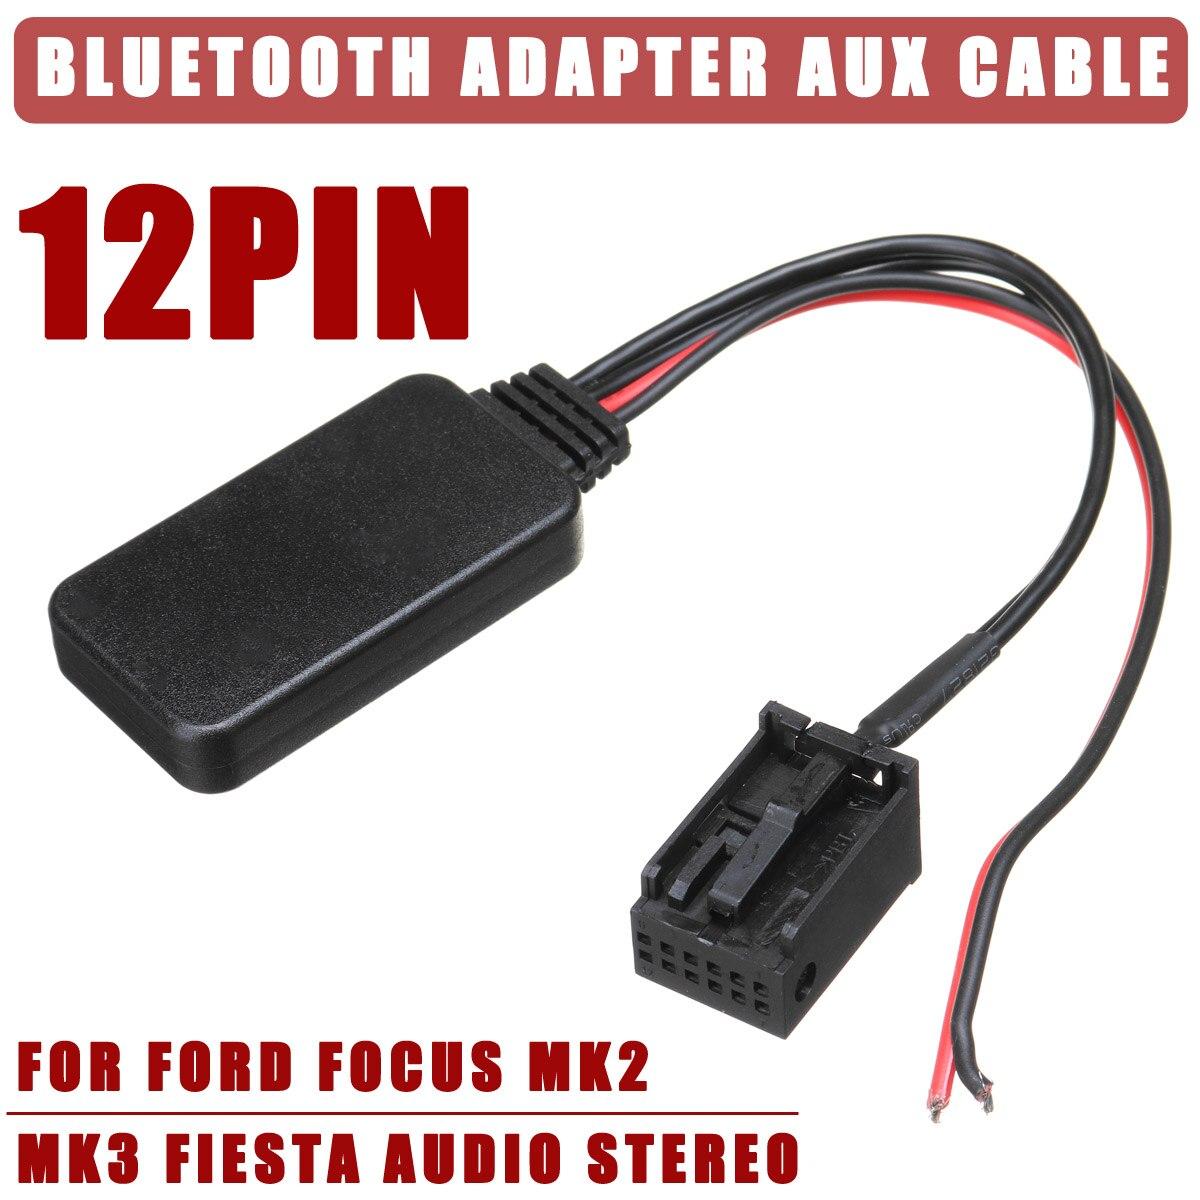 12 v 12Pin Hinten Port Auto Bluetooth Adapter Wireless Audio Stereo Aux Kabel Auto Zubehör Für Ford für Fokus Mk2 MK3 für Fiesta